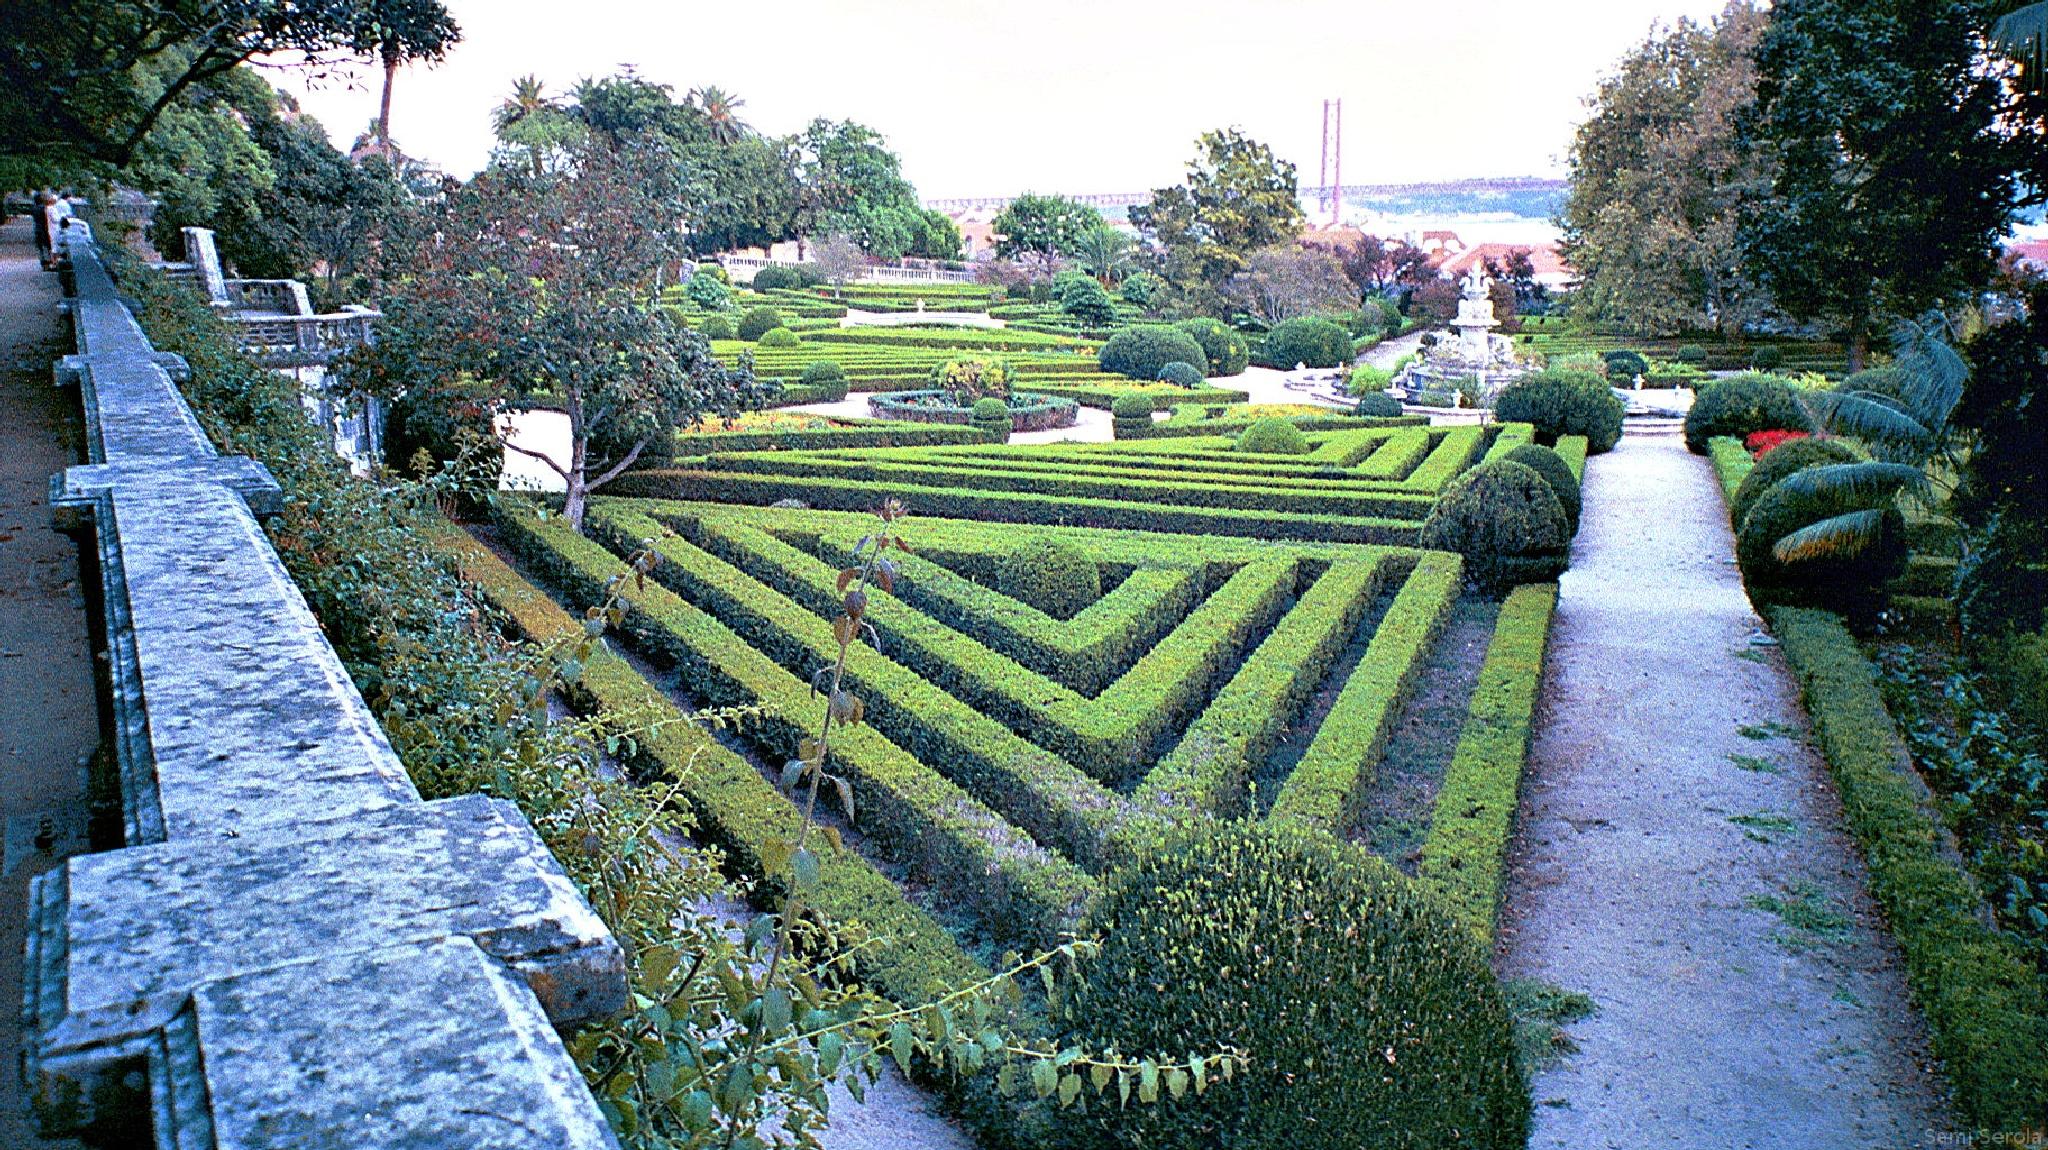 Jardim Botânico da Ajuda, Lisboa 2002 by Sami Serola